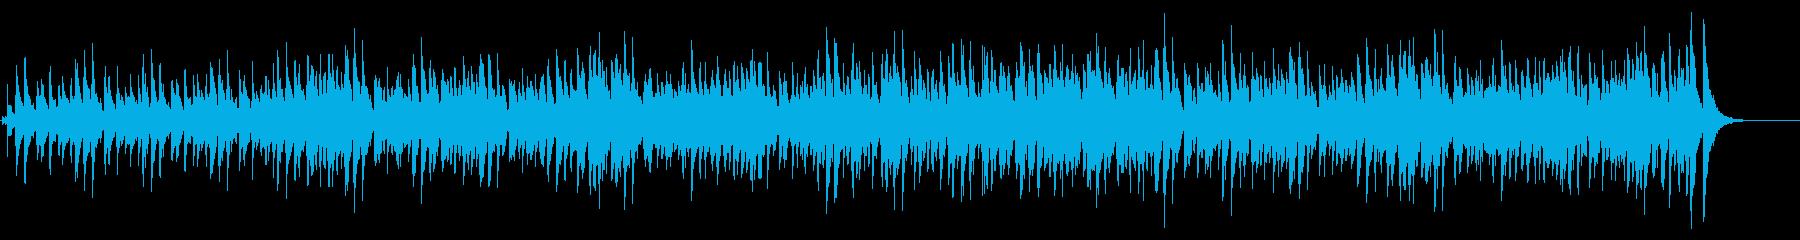 スチールドラムによるカリビアンなポップ曲の再生済みの波形